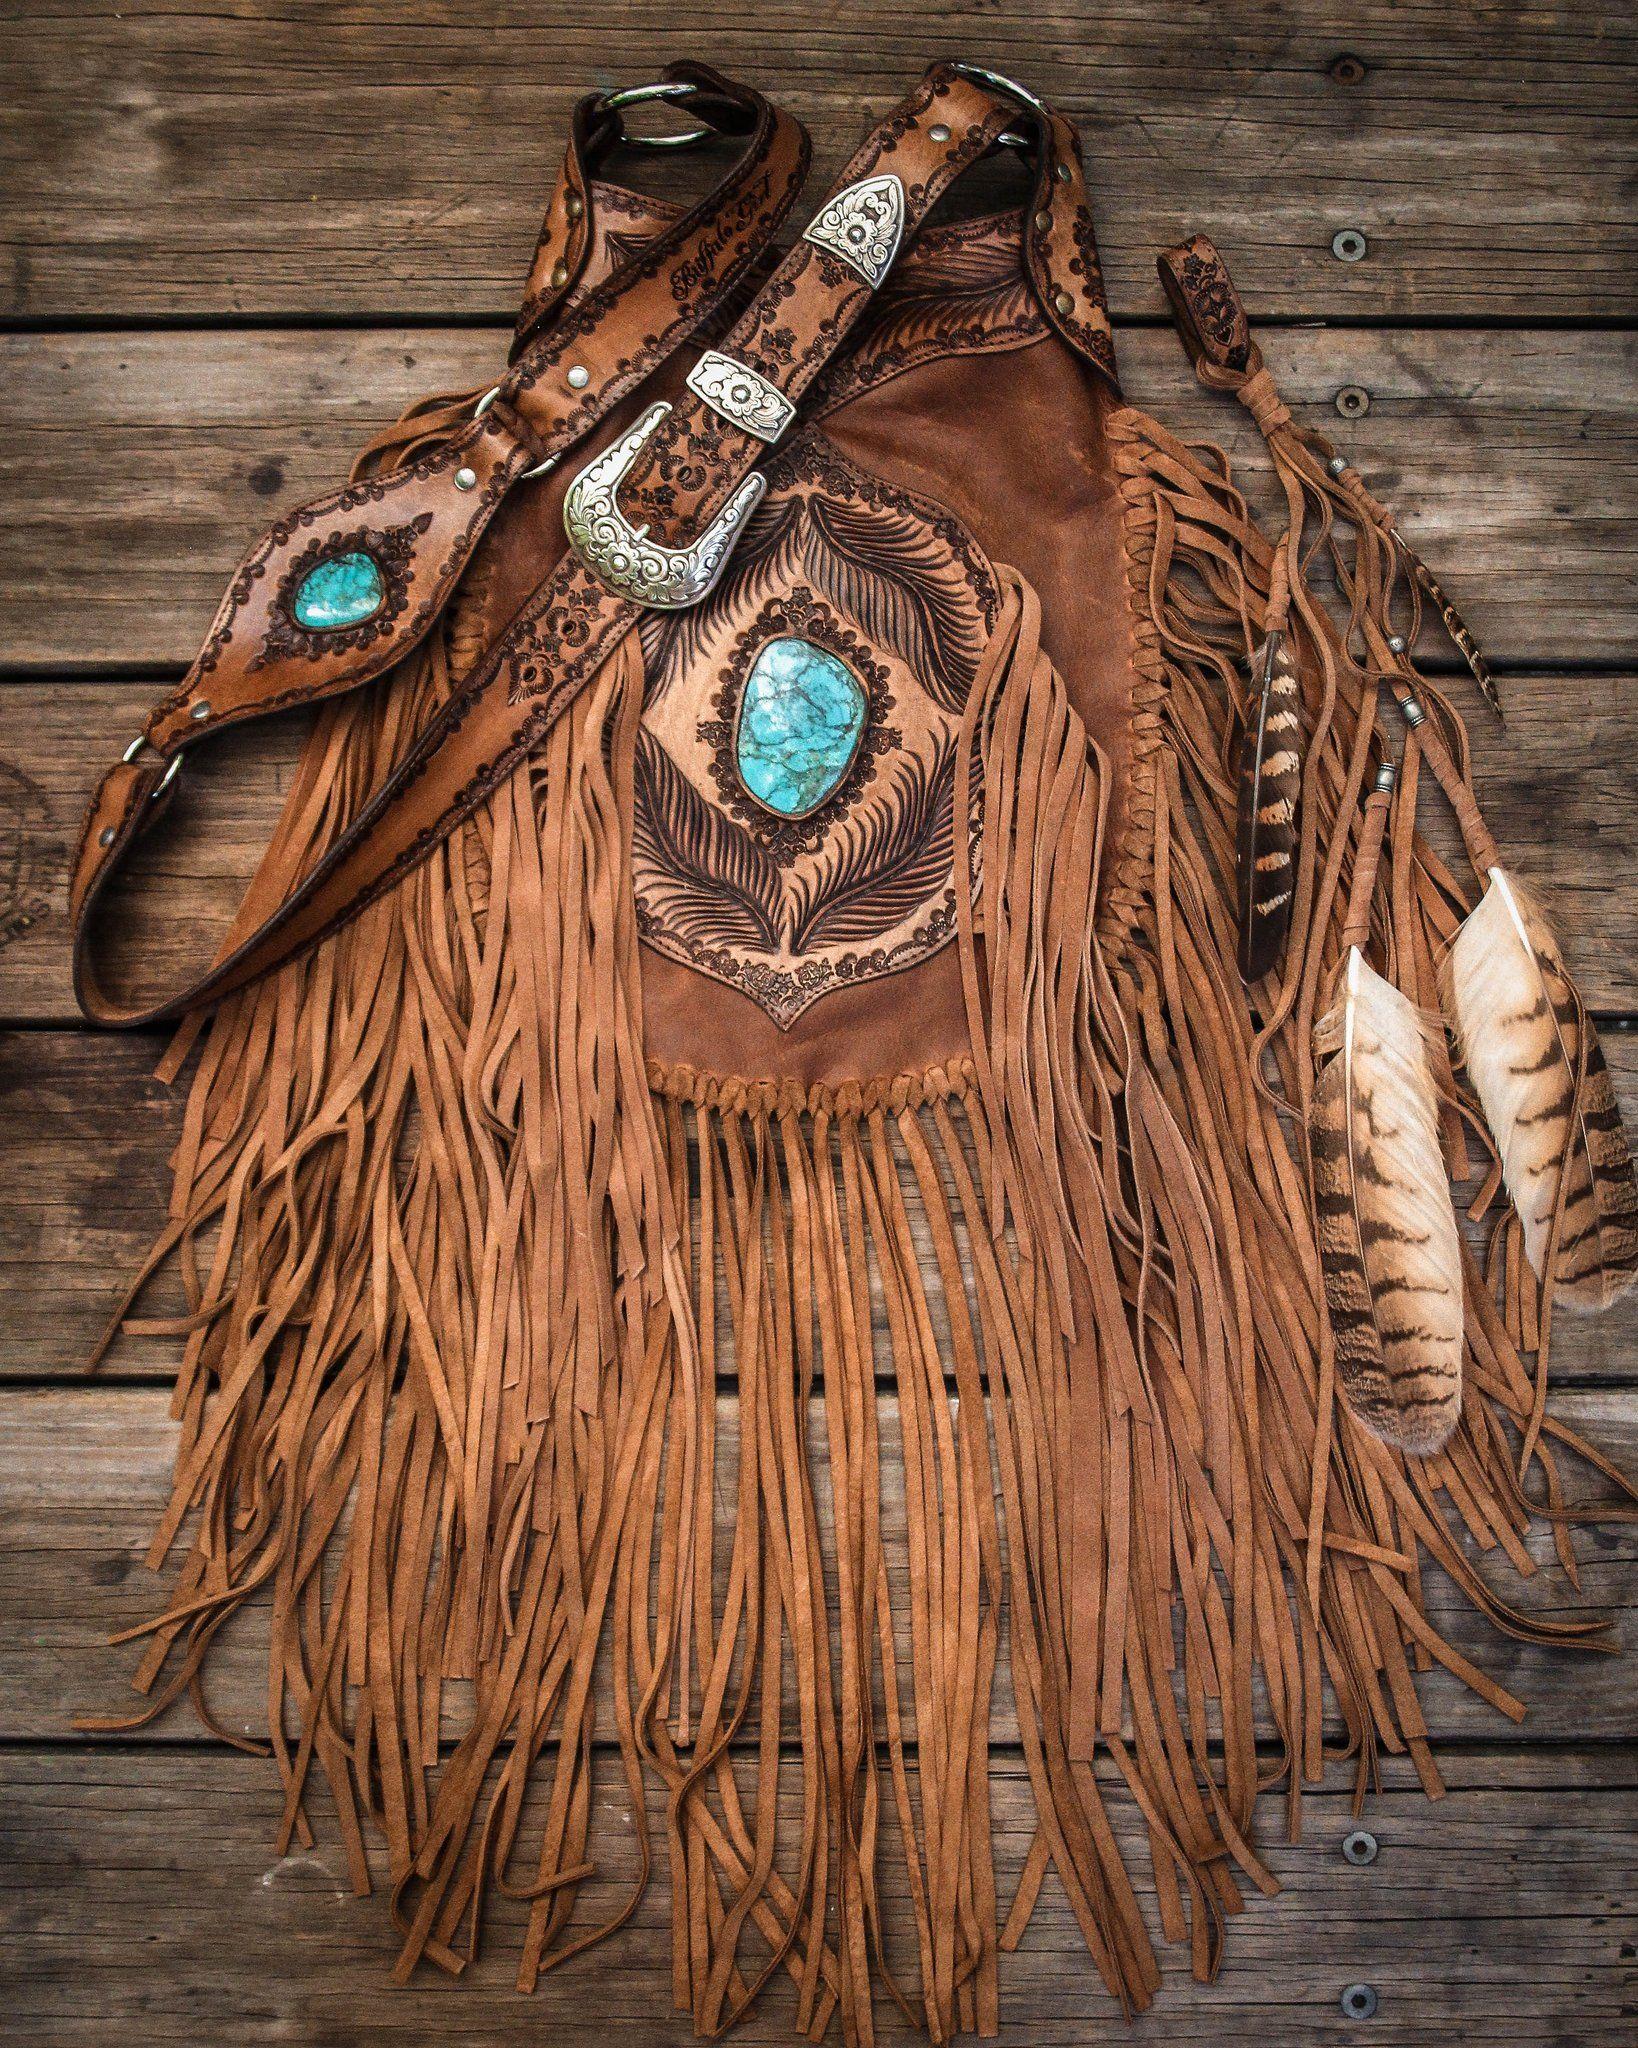 Carteras Piel Hombre Ubrique | Confederated Tribes of the